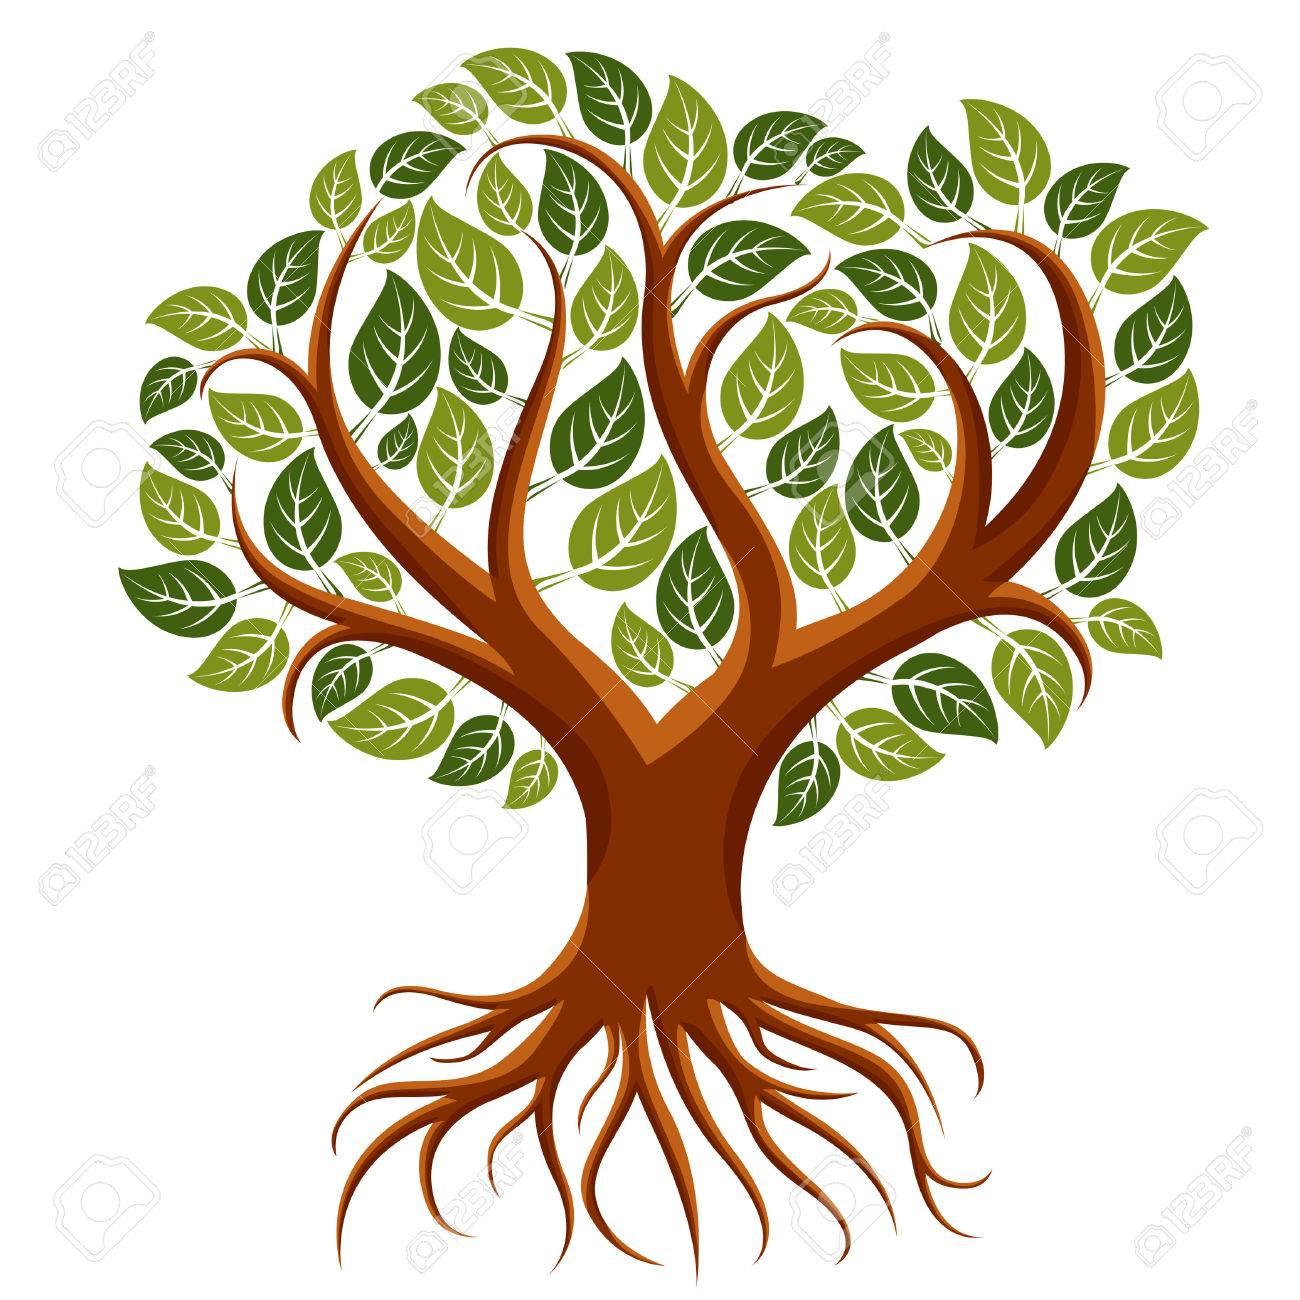 Vektor Kunst Abbildung Von Verzweigter Baum Mit Starken Wurzeln